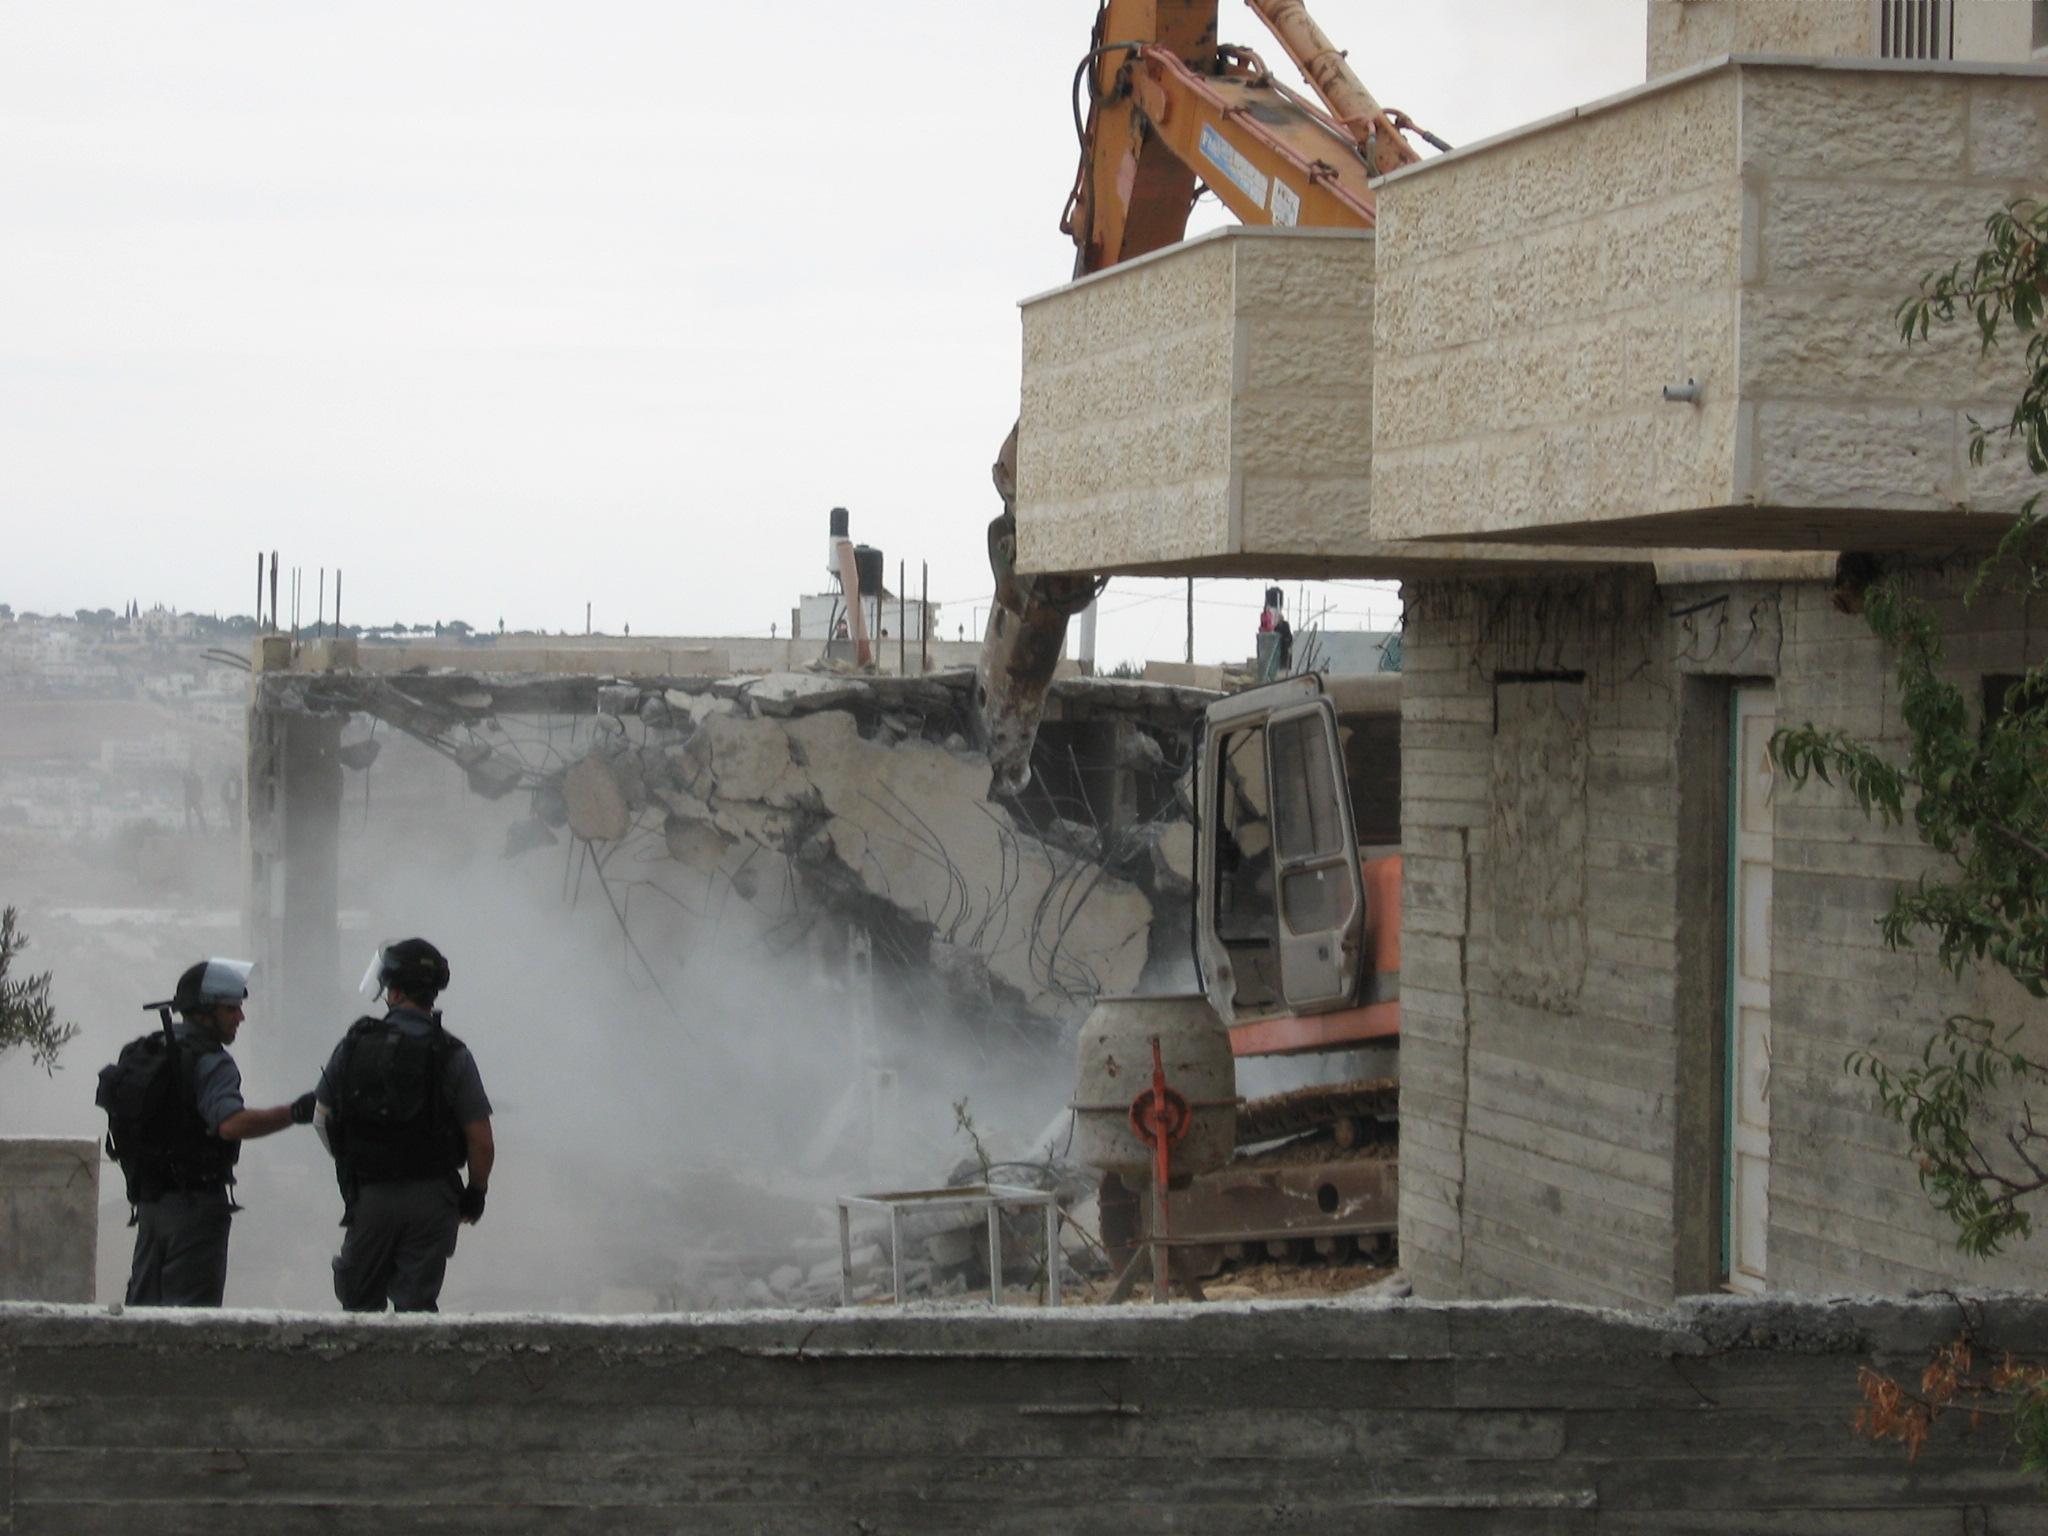 Foto a cura dell'Ichad _demolizioni a Zur Baher_